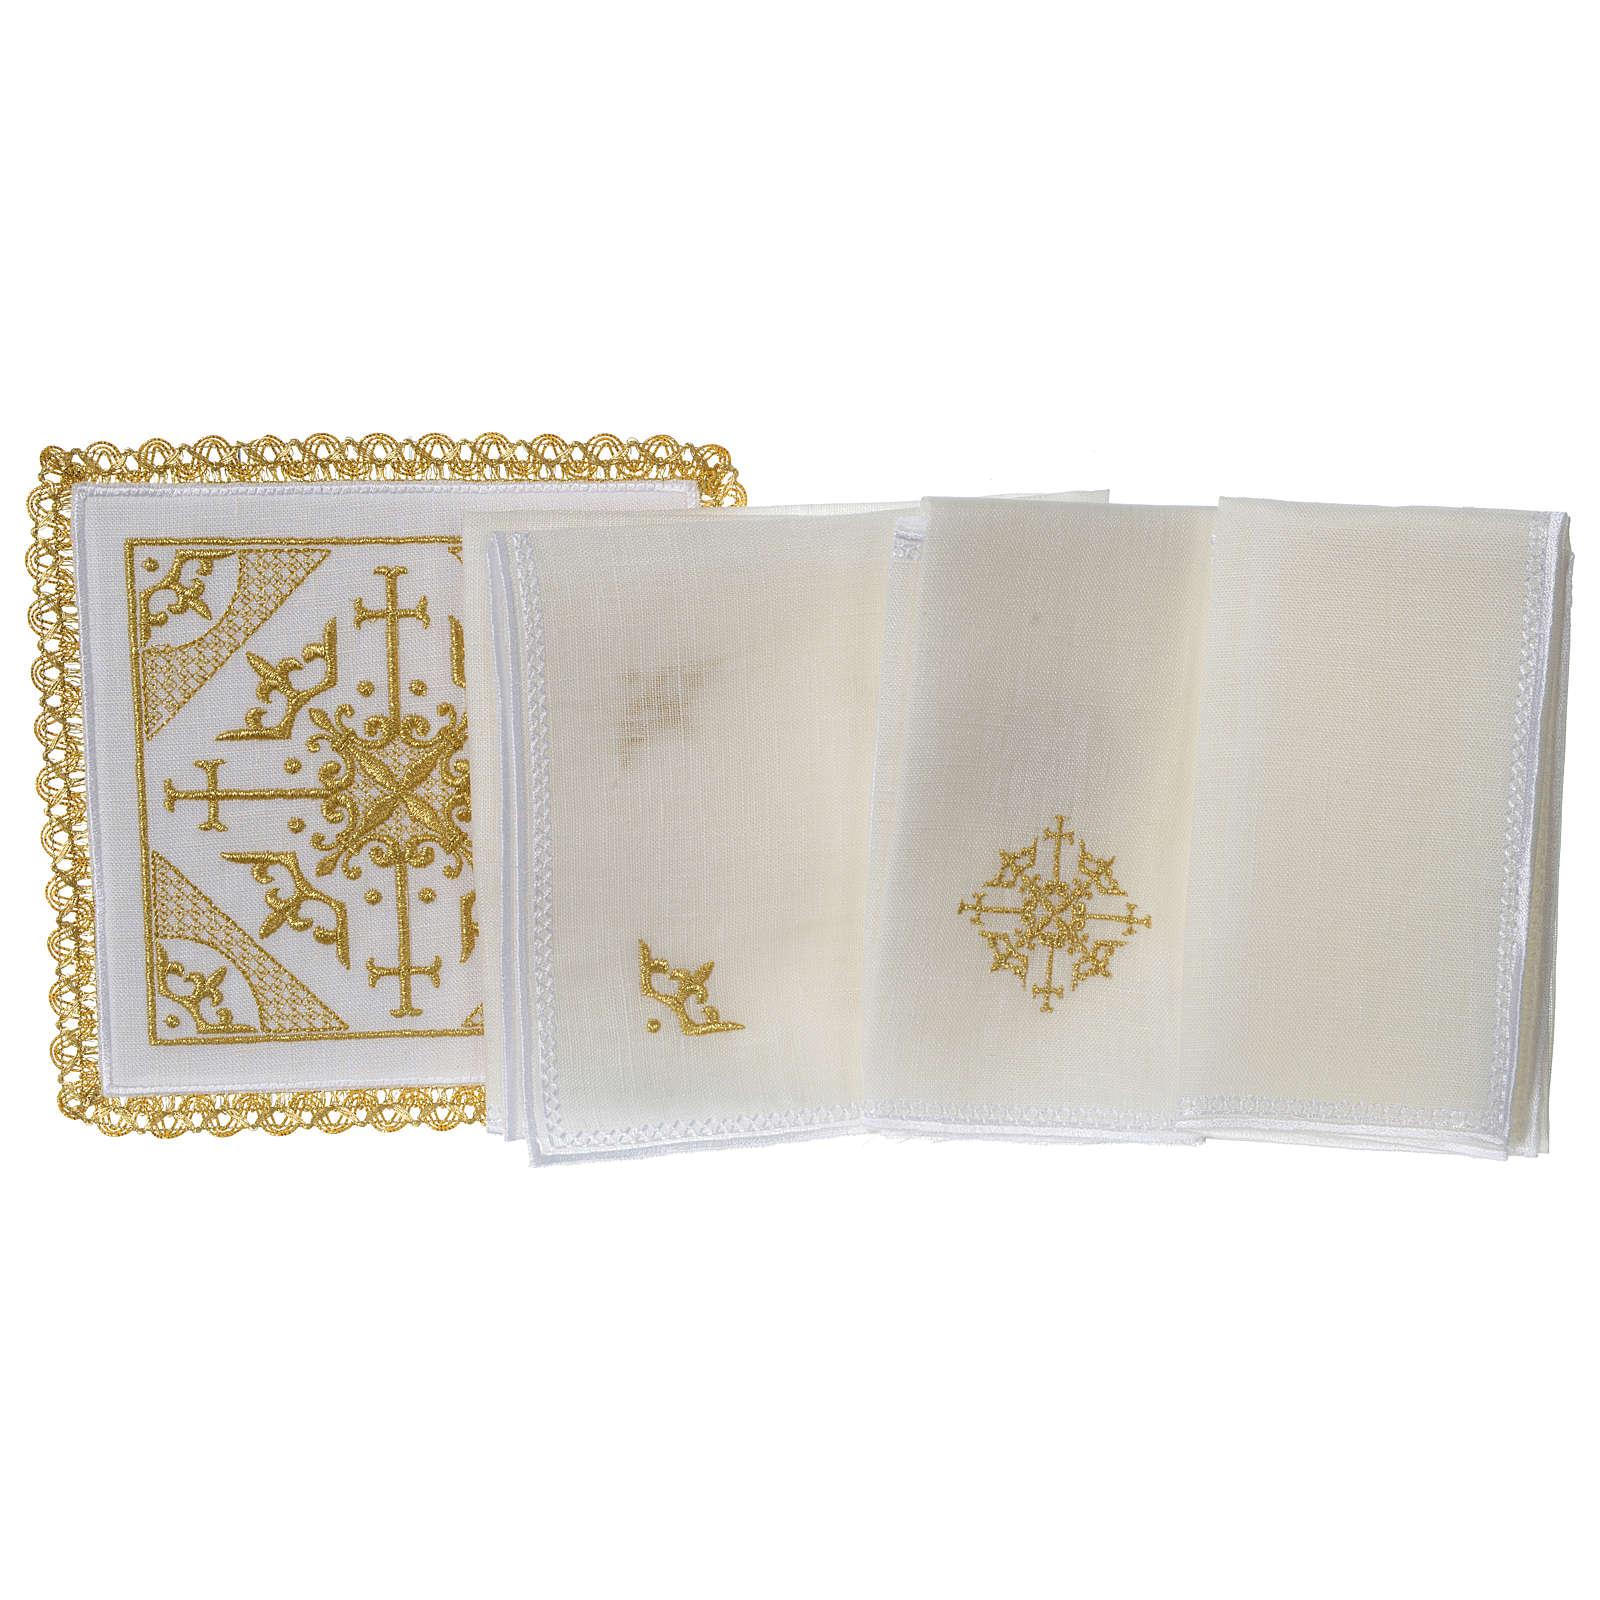 Servicio de altar 100% hilo bordado Cruces 4